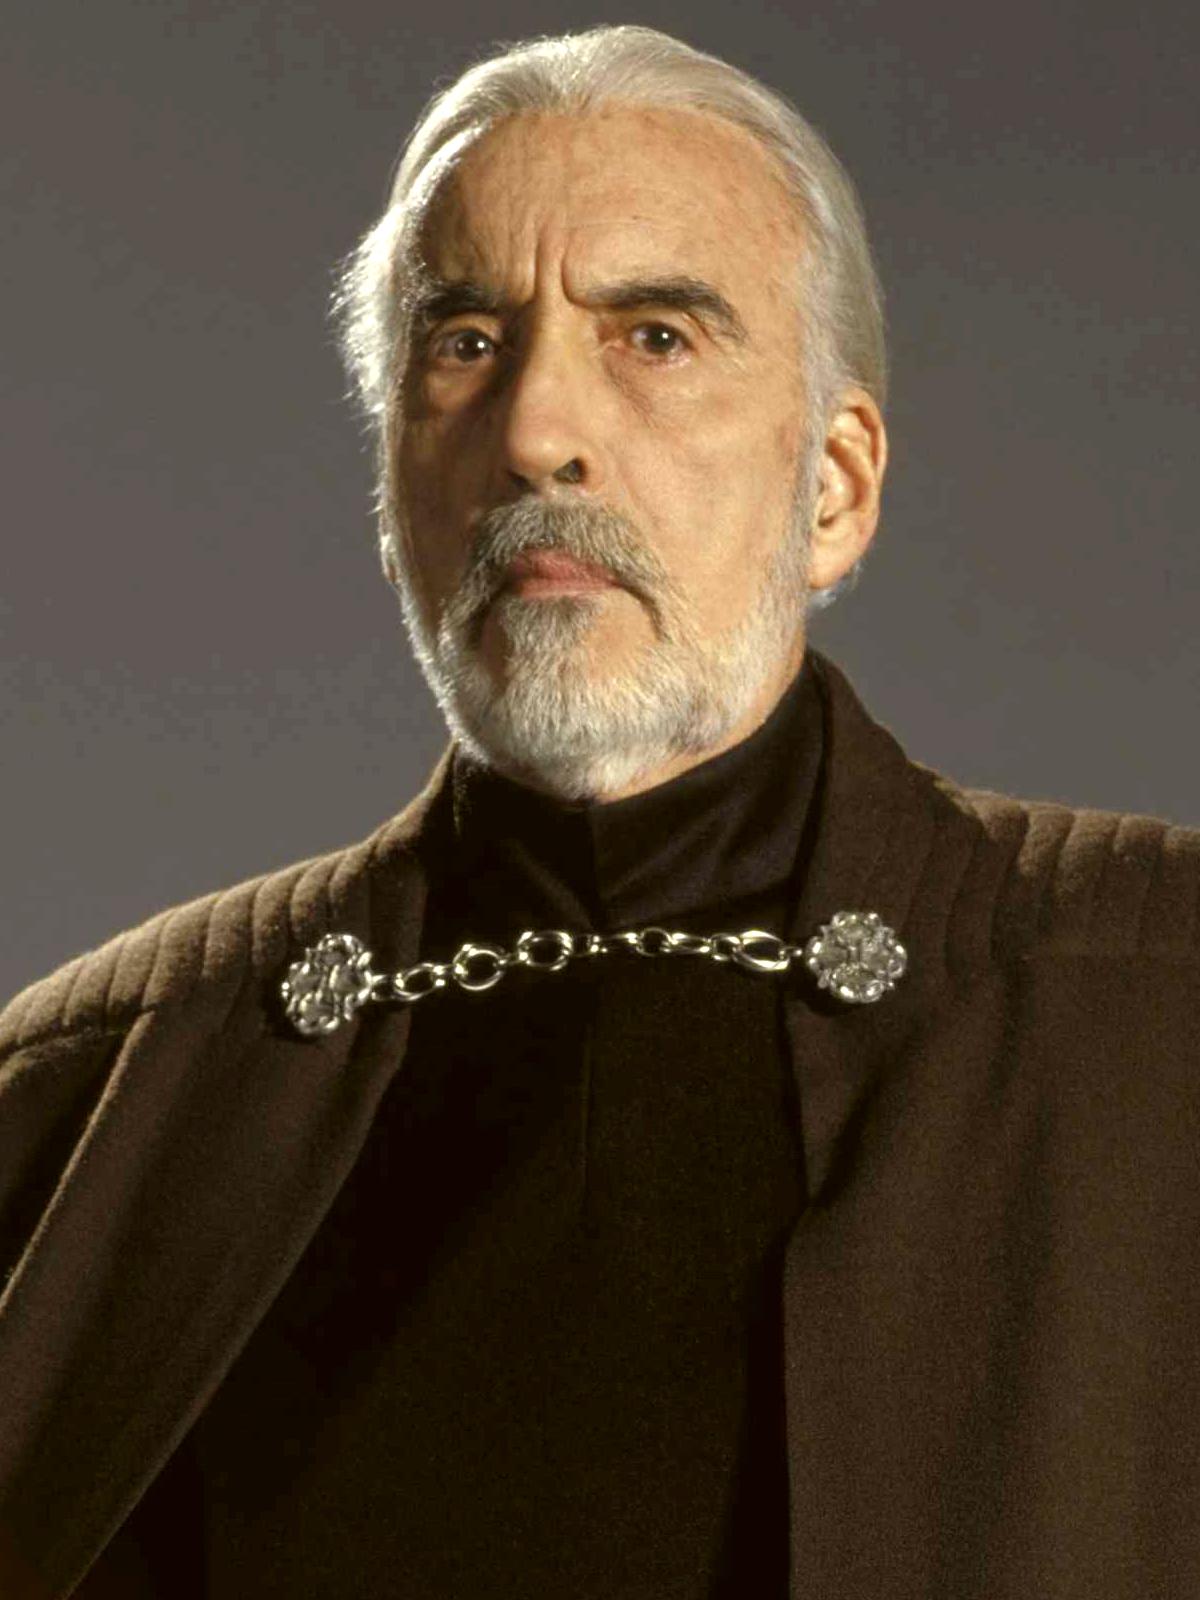 Count of Serenno/Legends